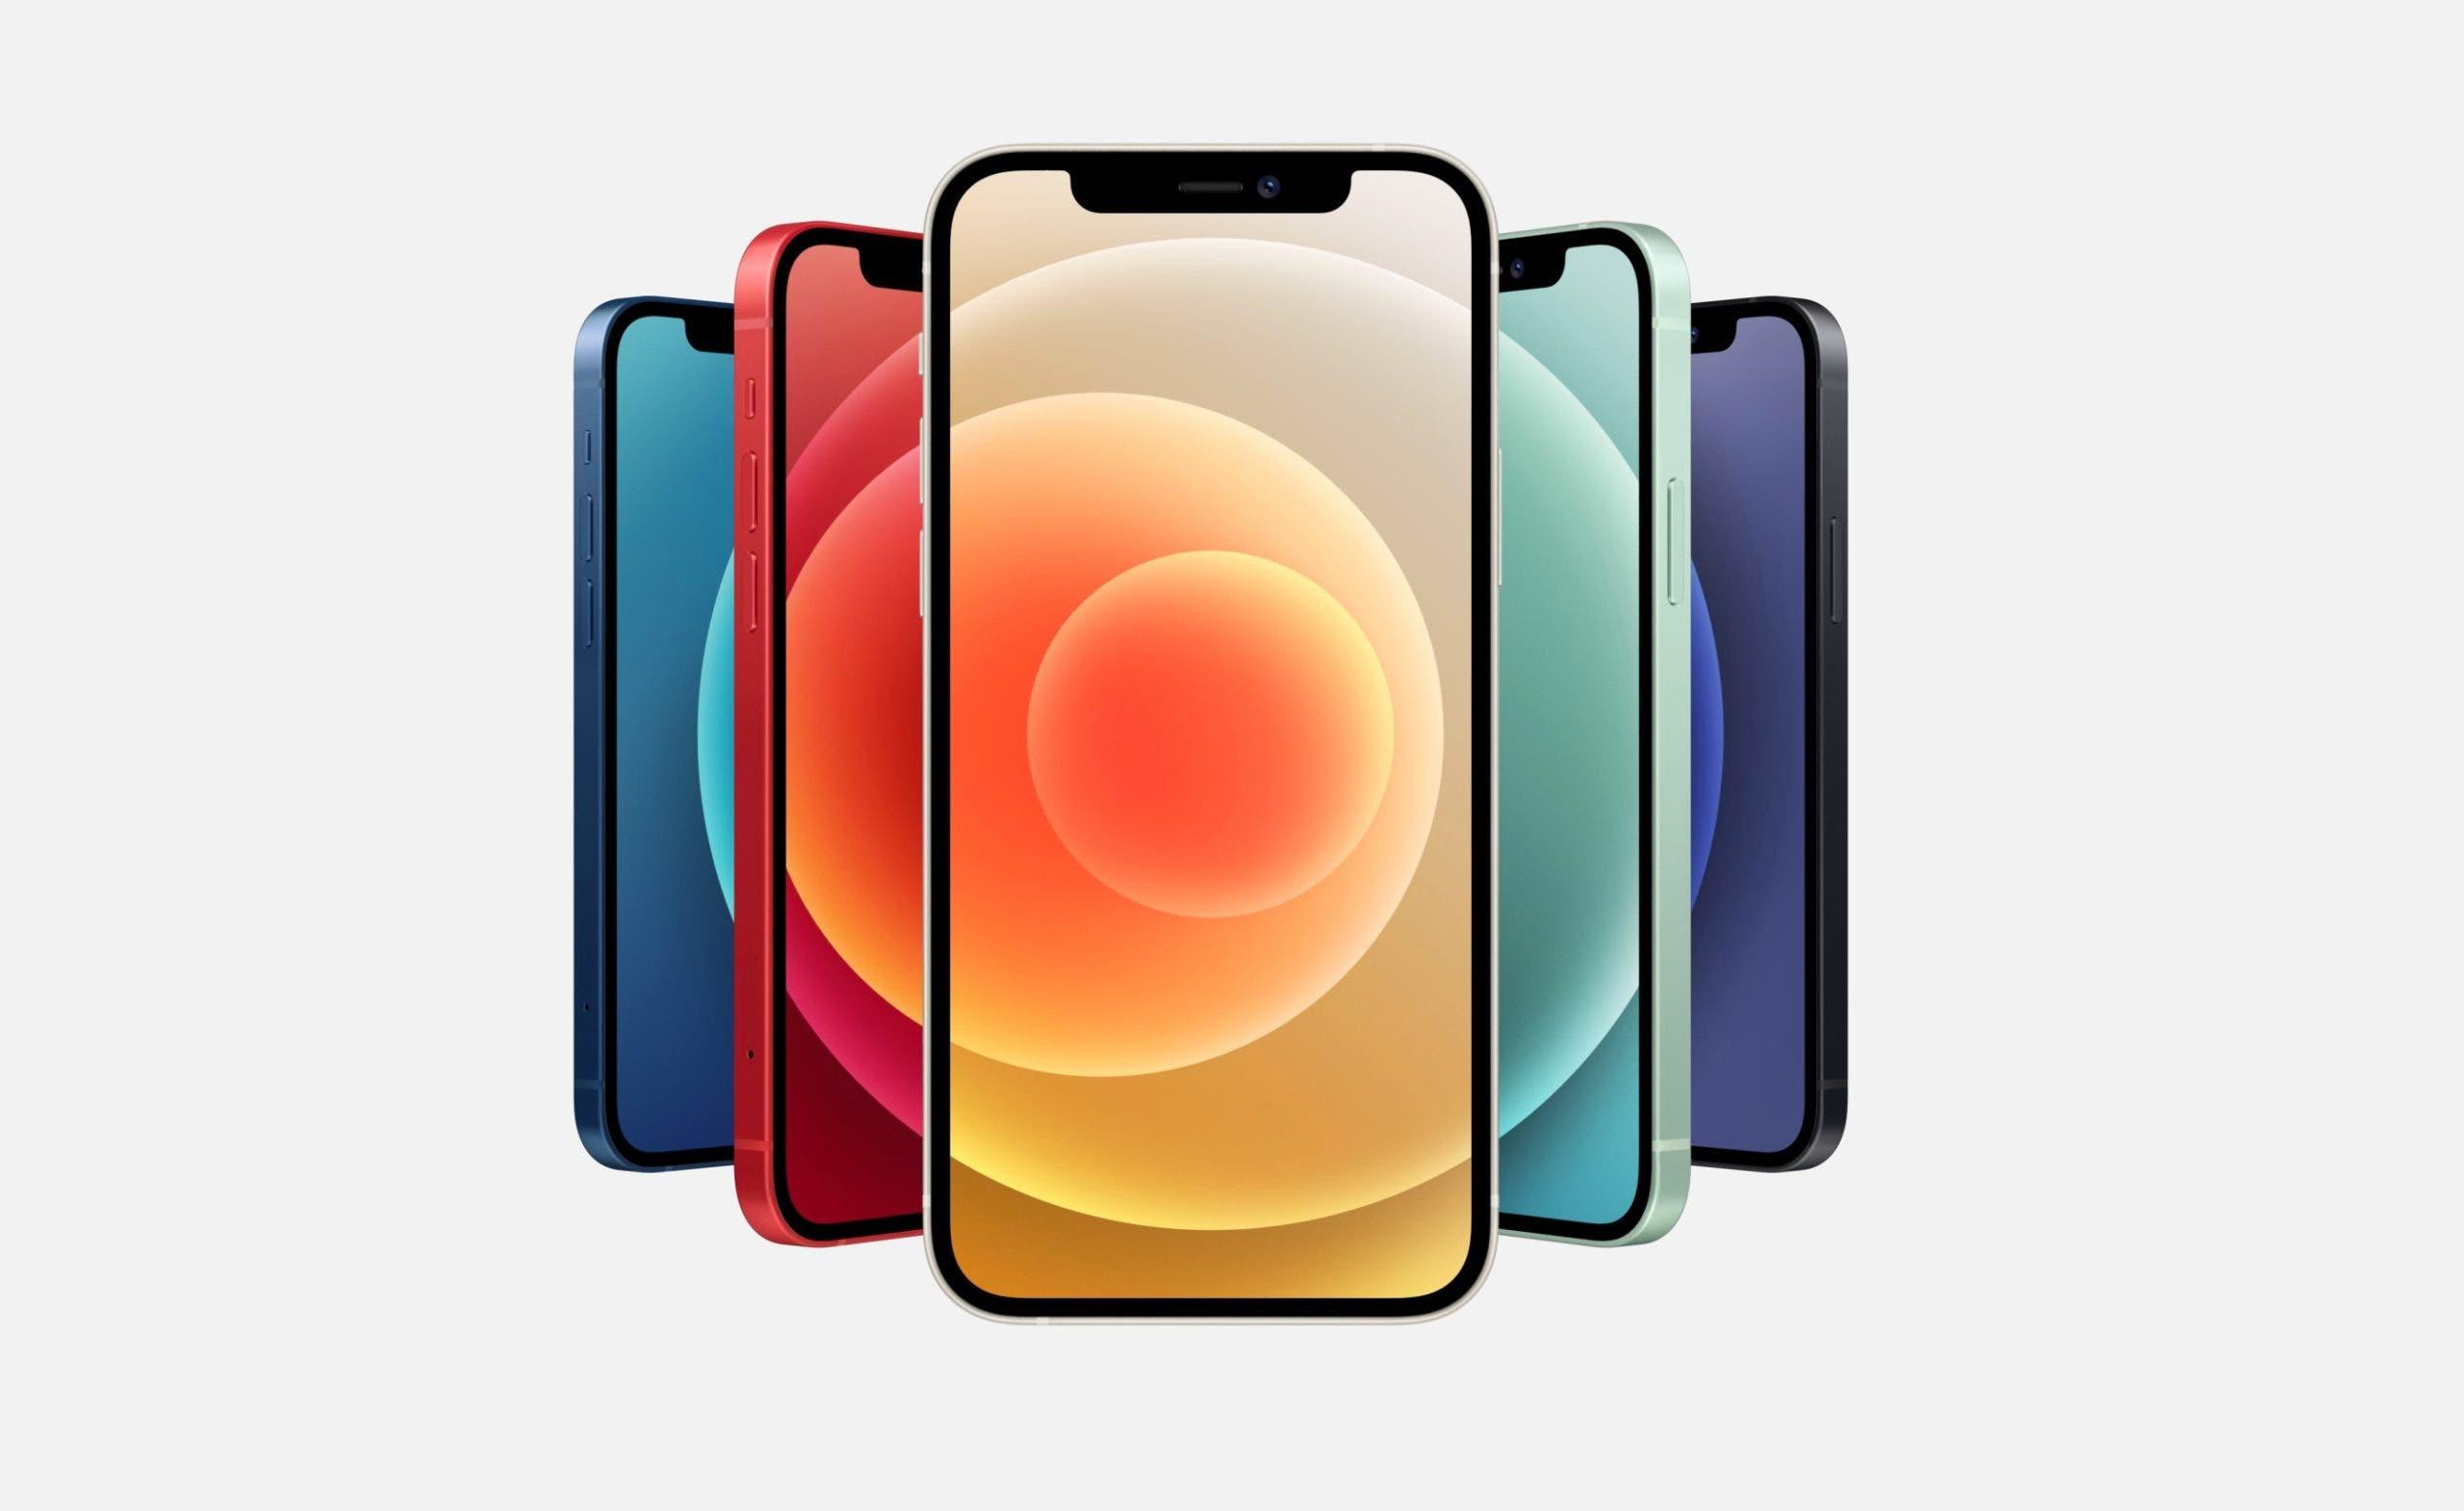 Faltbares-iPhone-Testphase-gestartet-m-gliche-Vorstellung-in-2022-